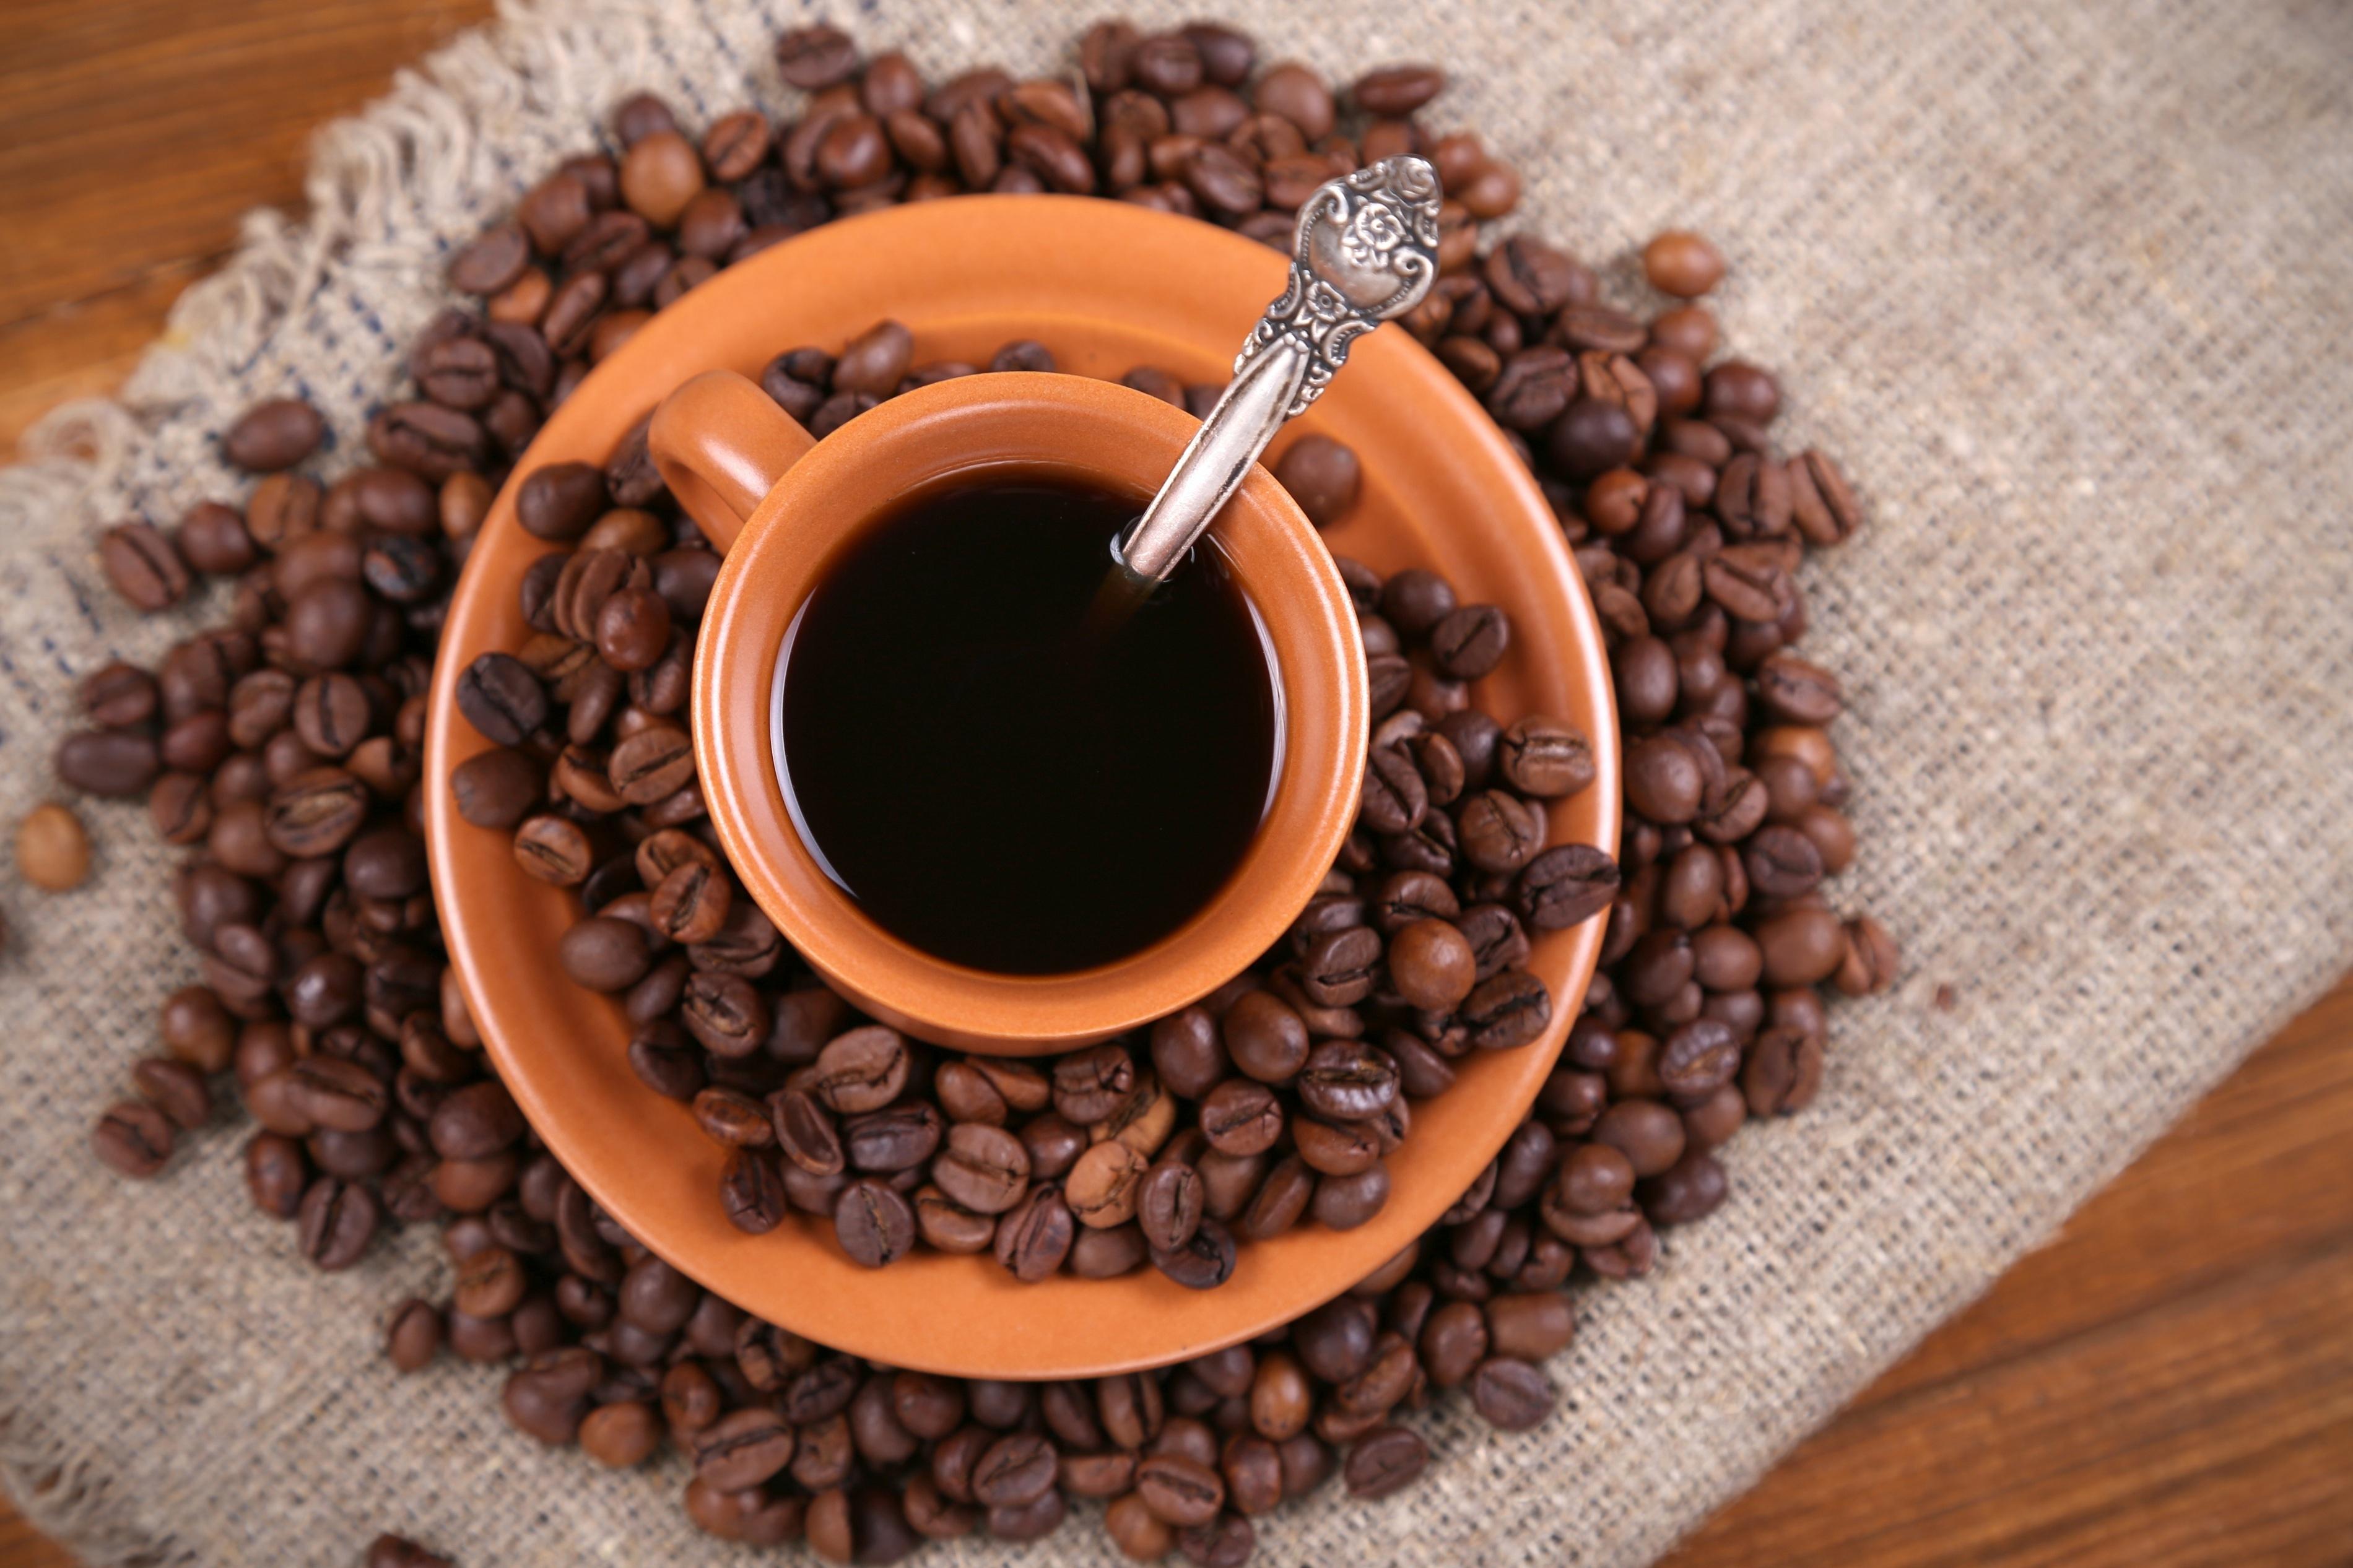 Кофе зерна чашка  № 2172423 без смс